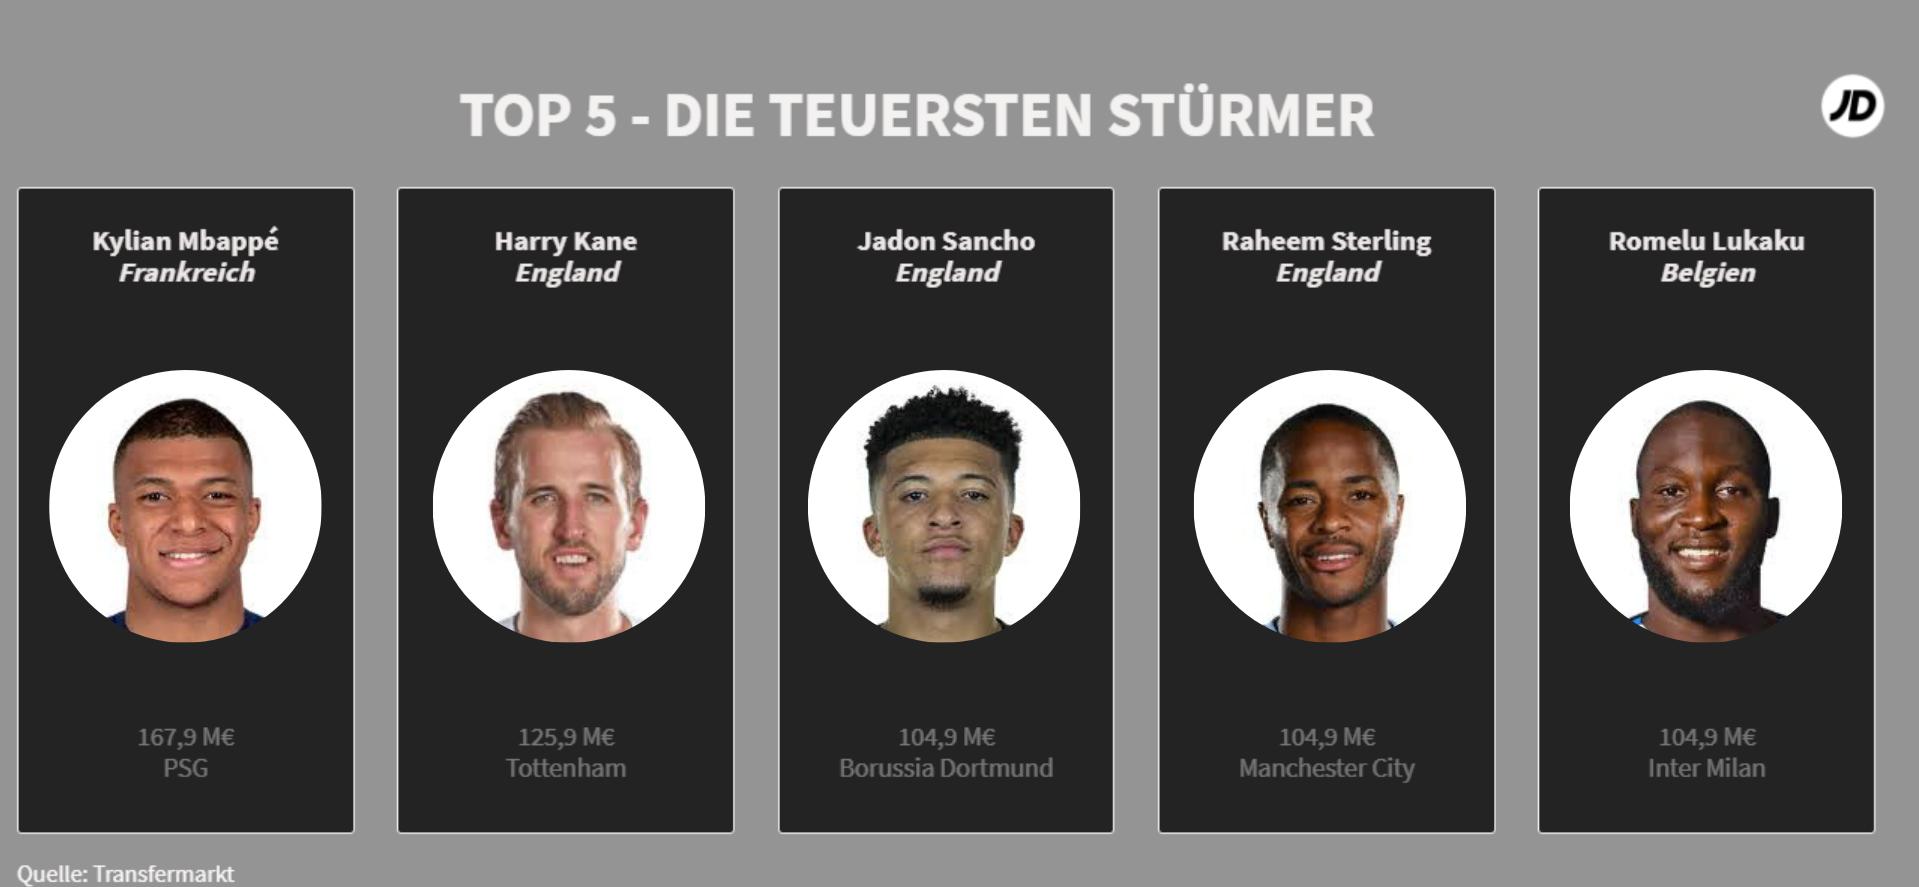 Top 5 Die teuersten Stürmer der EM 2020